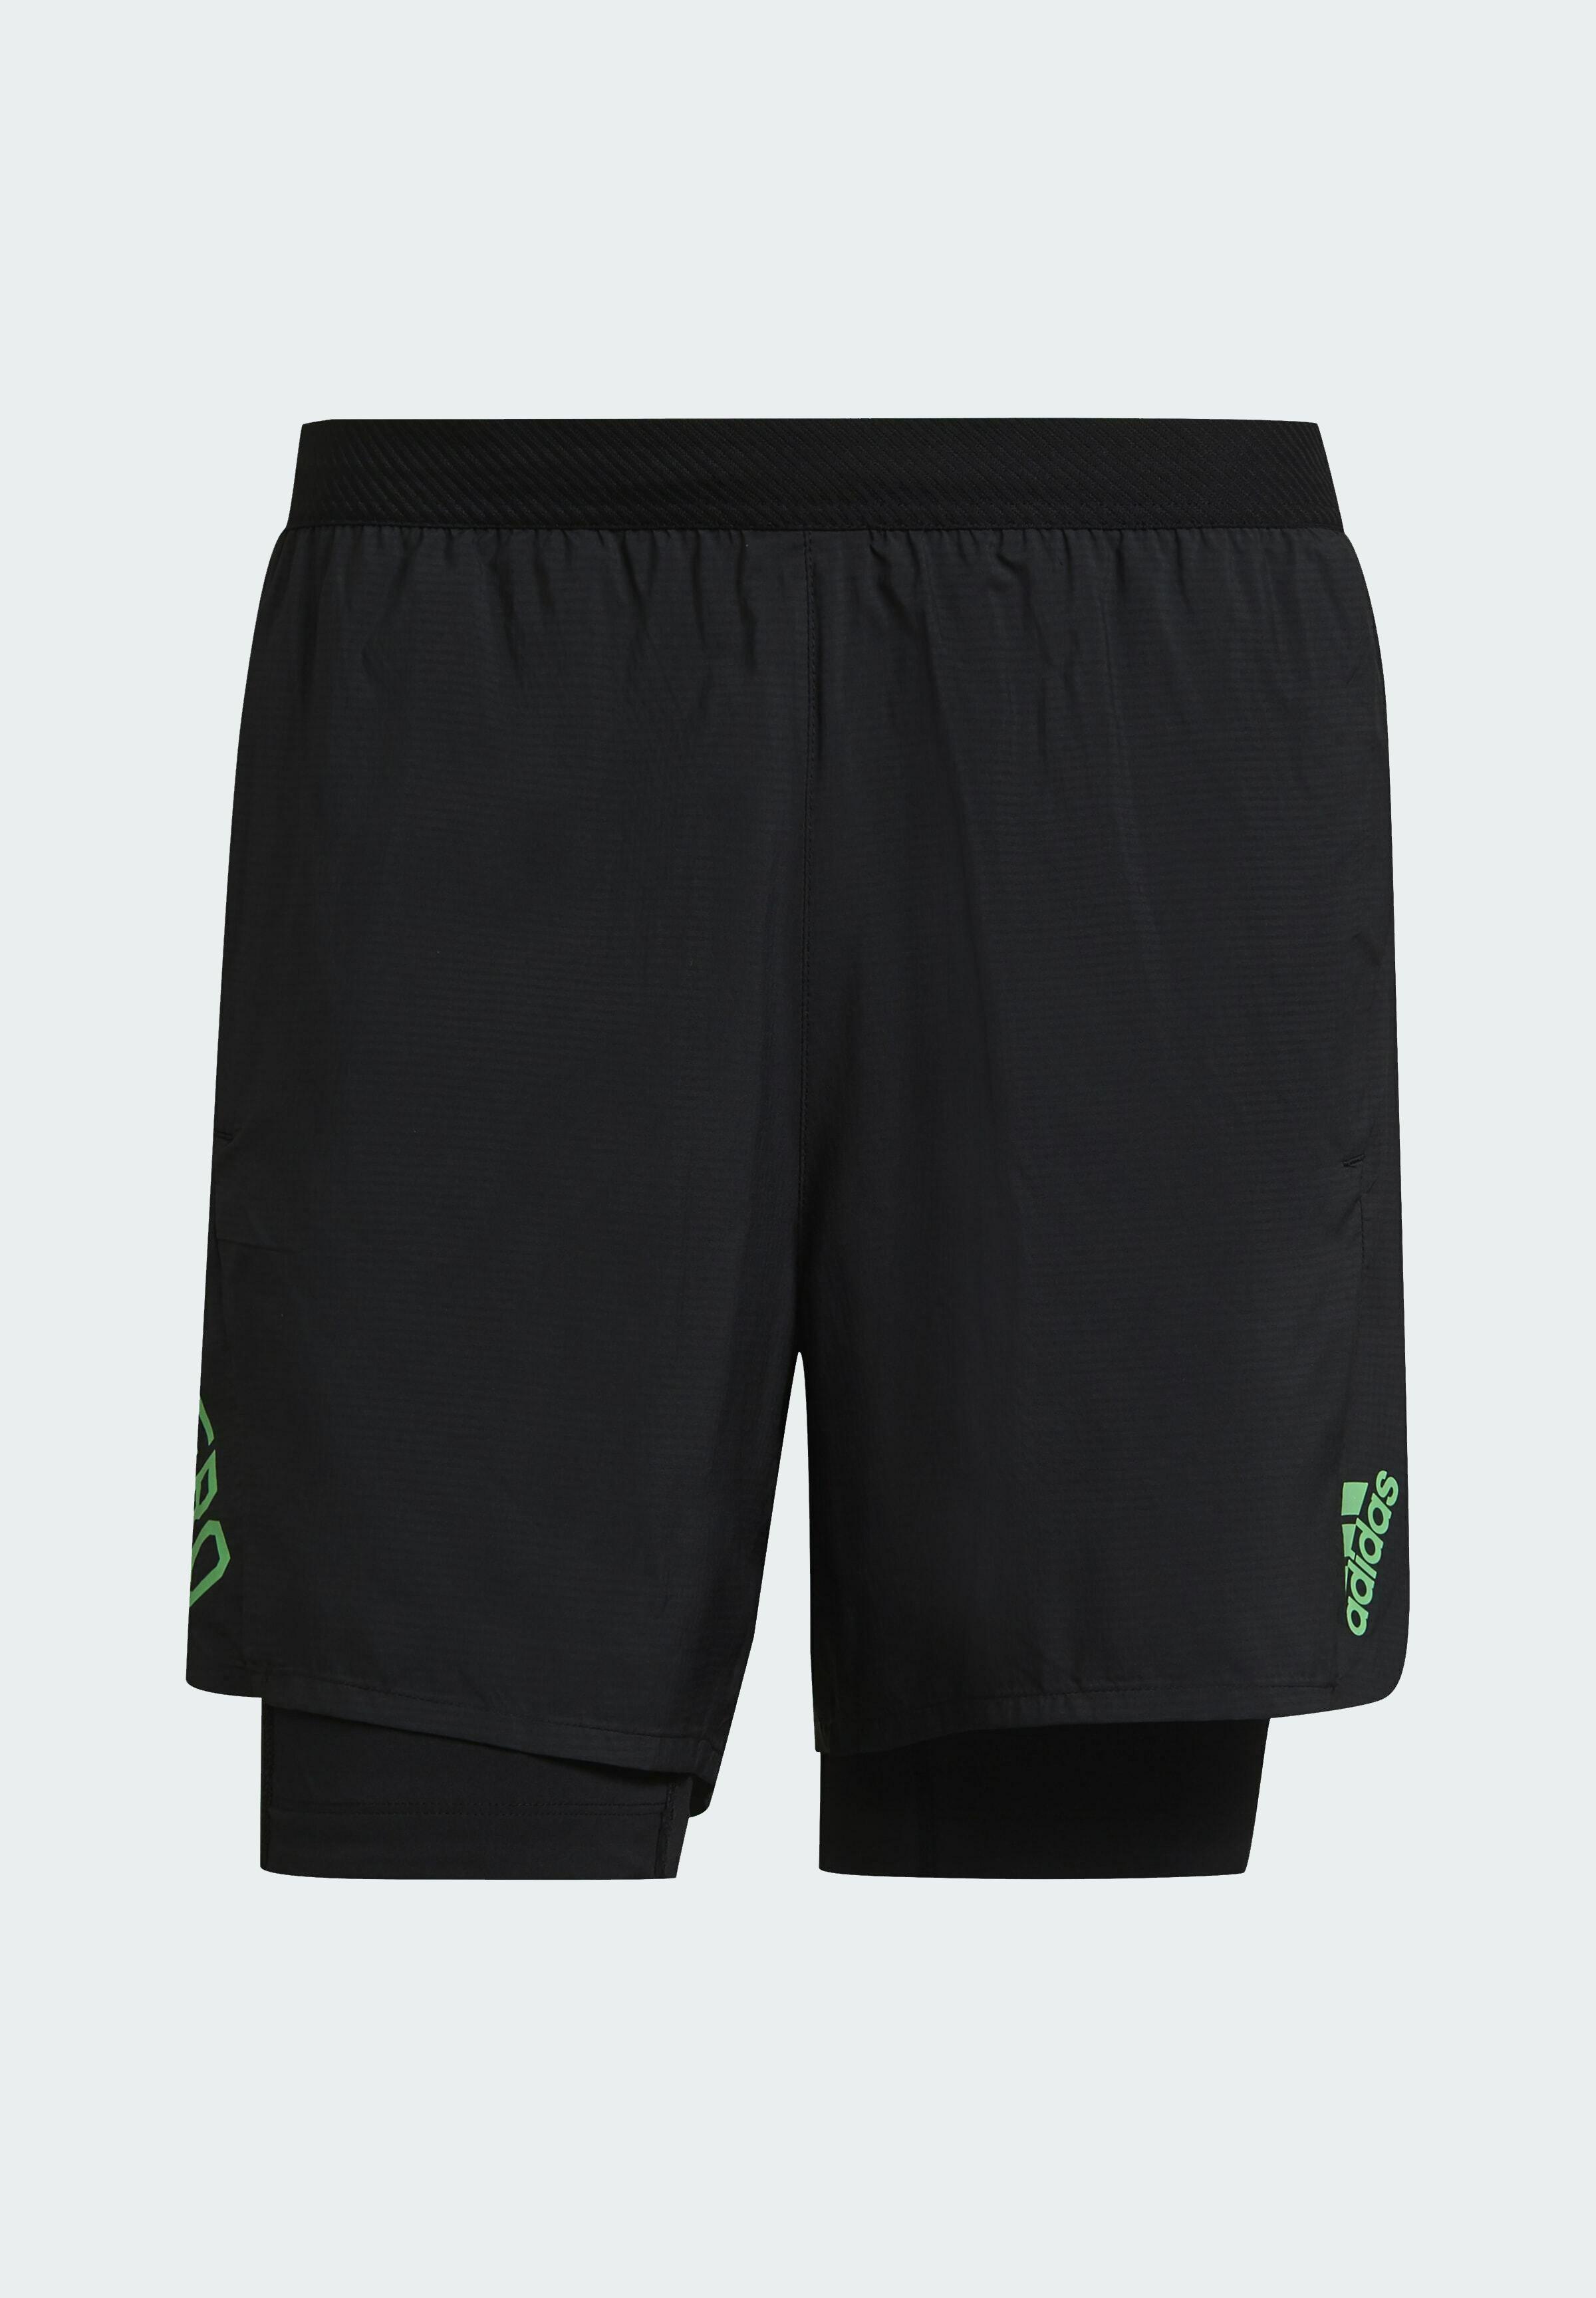 Herren ADIZERO  - kurze Sporthose